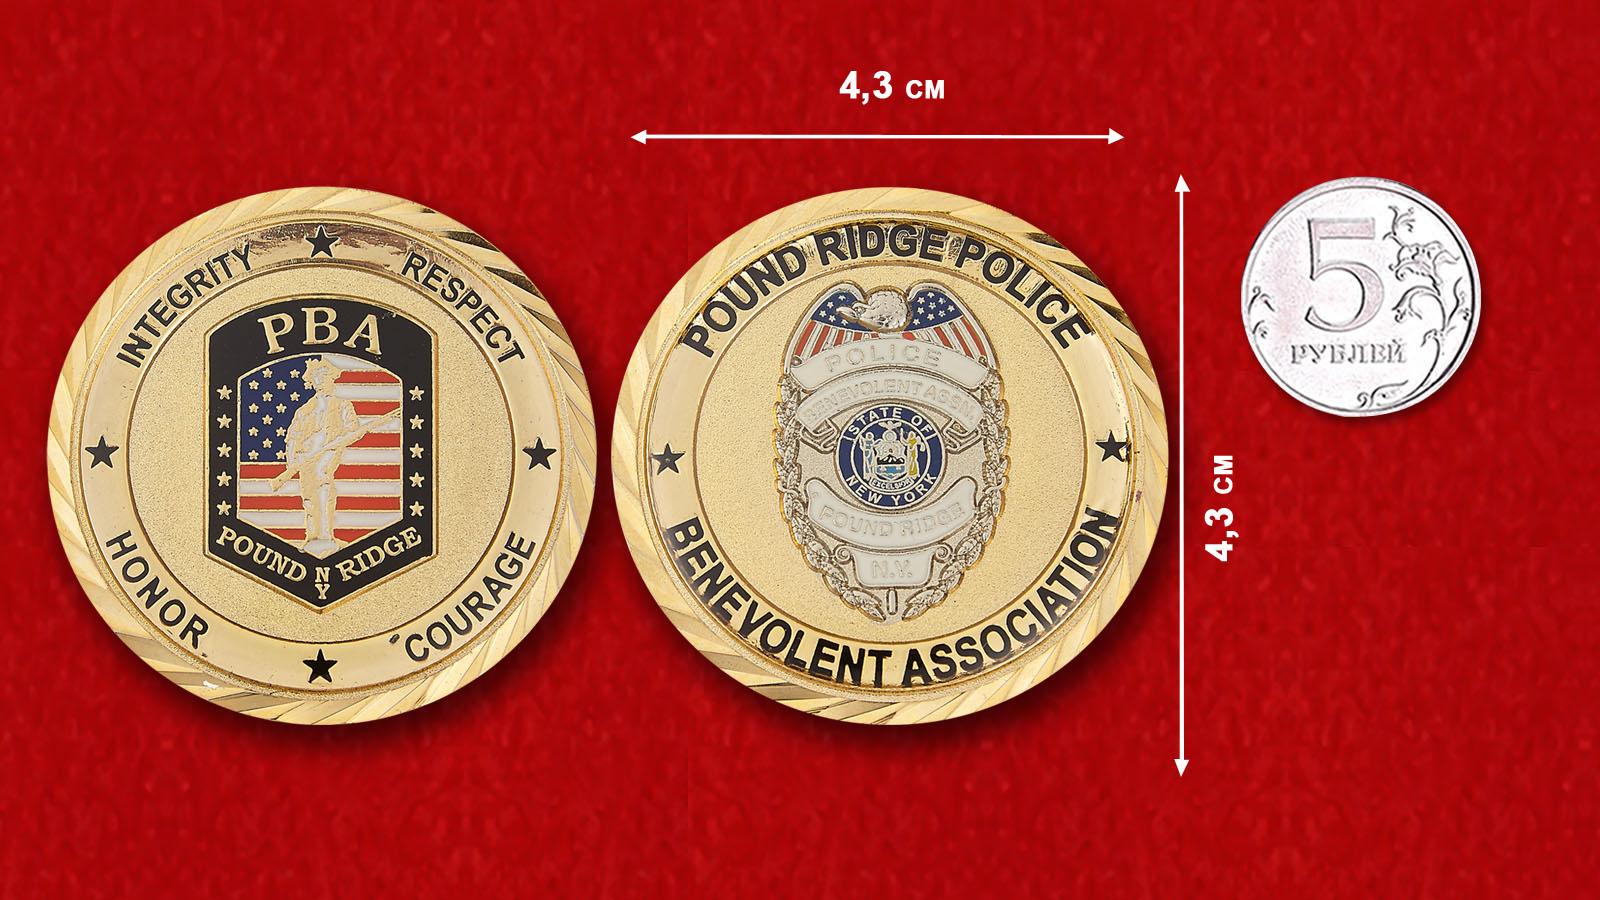 Челлендж коин Благотворительной организации полиции Паунд Ридж - сравнительный размер